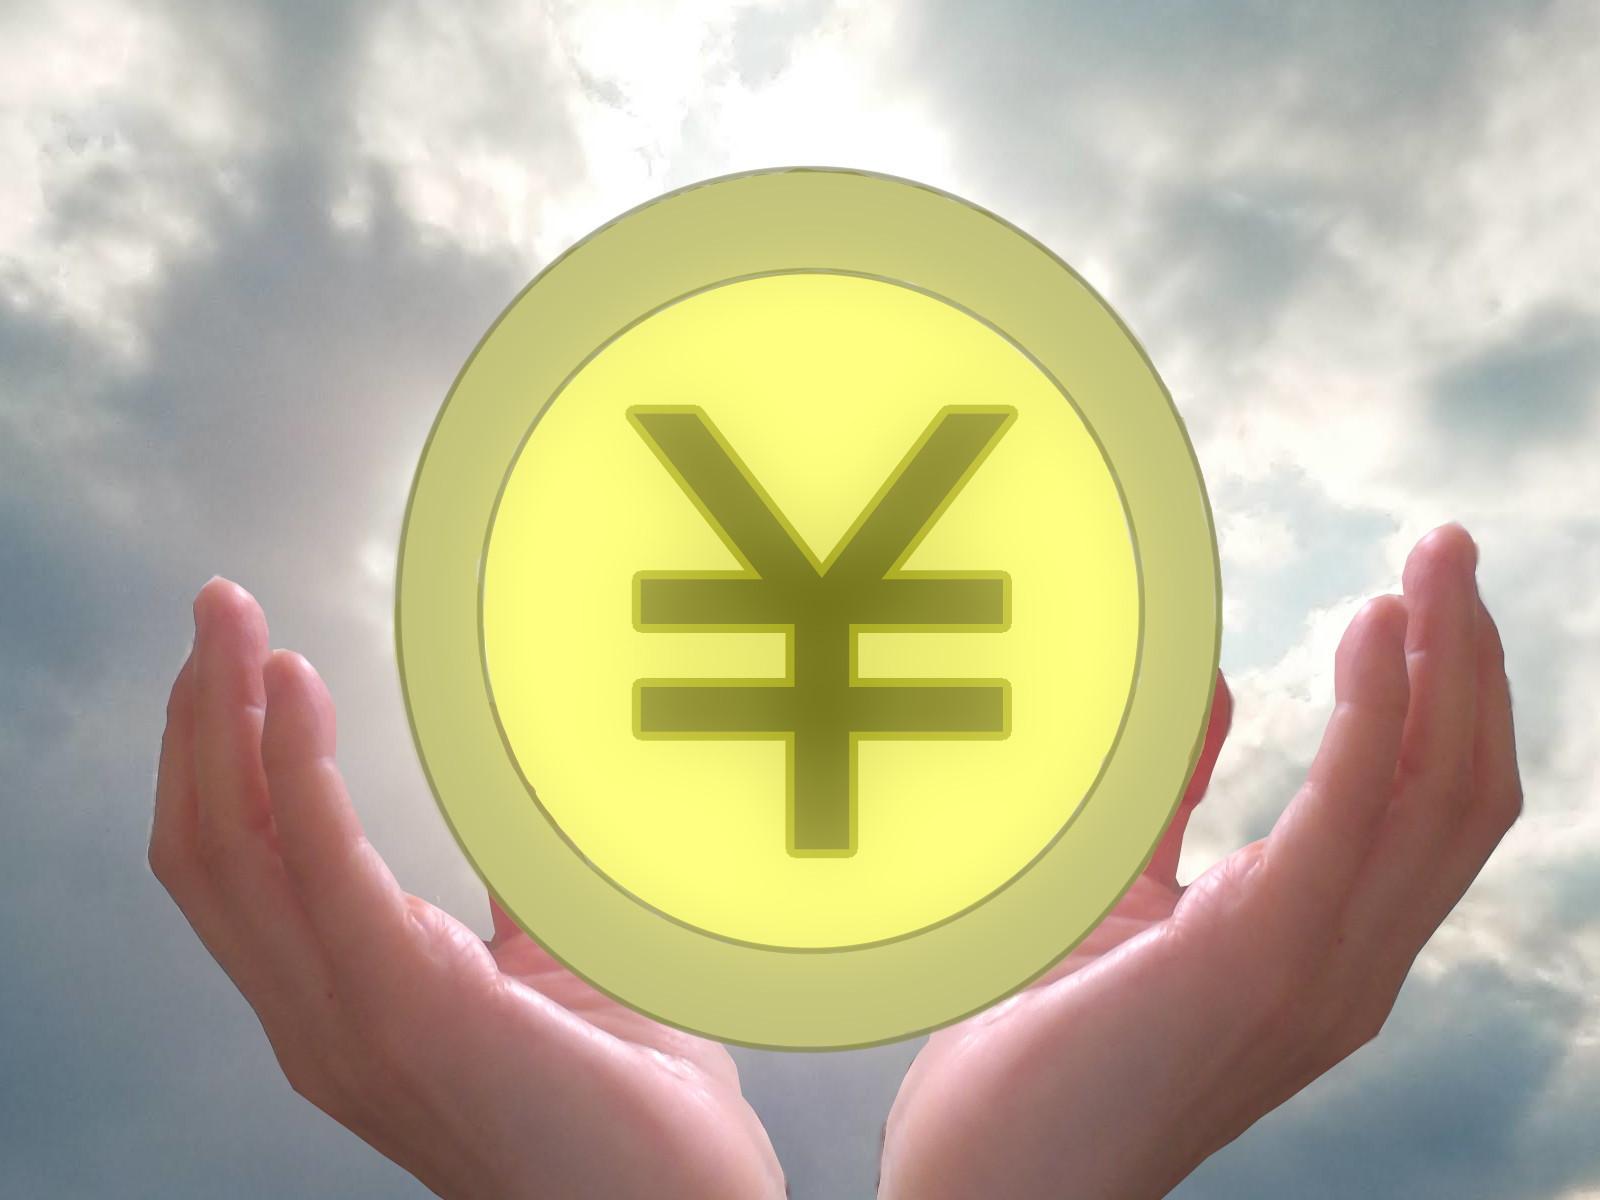 「企業価値」を評価する手法にはどのようなものがあるのか